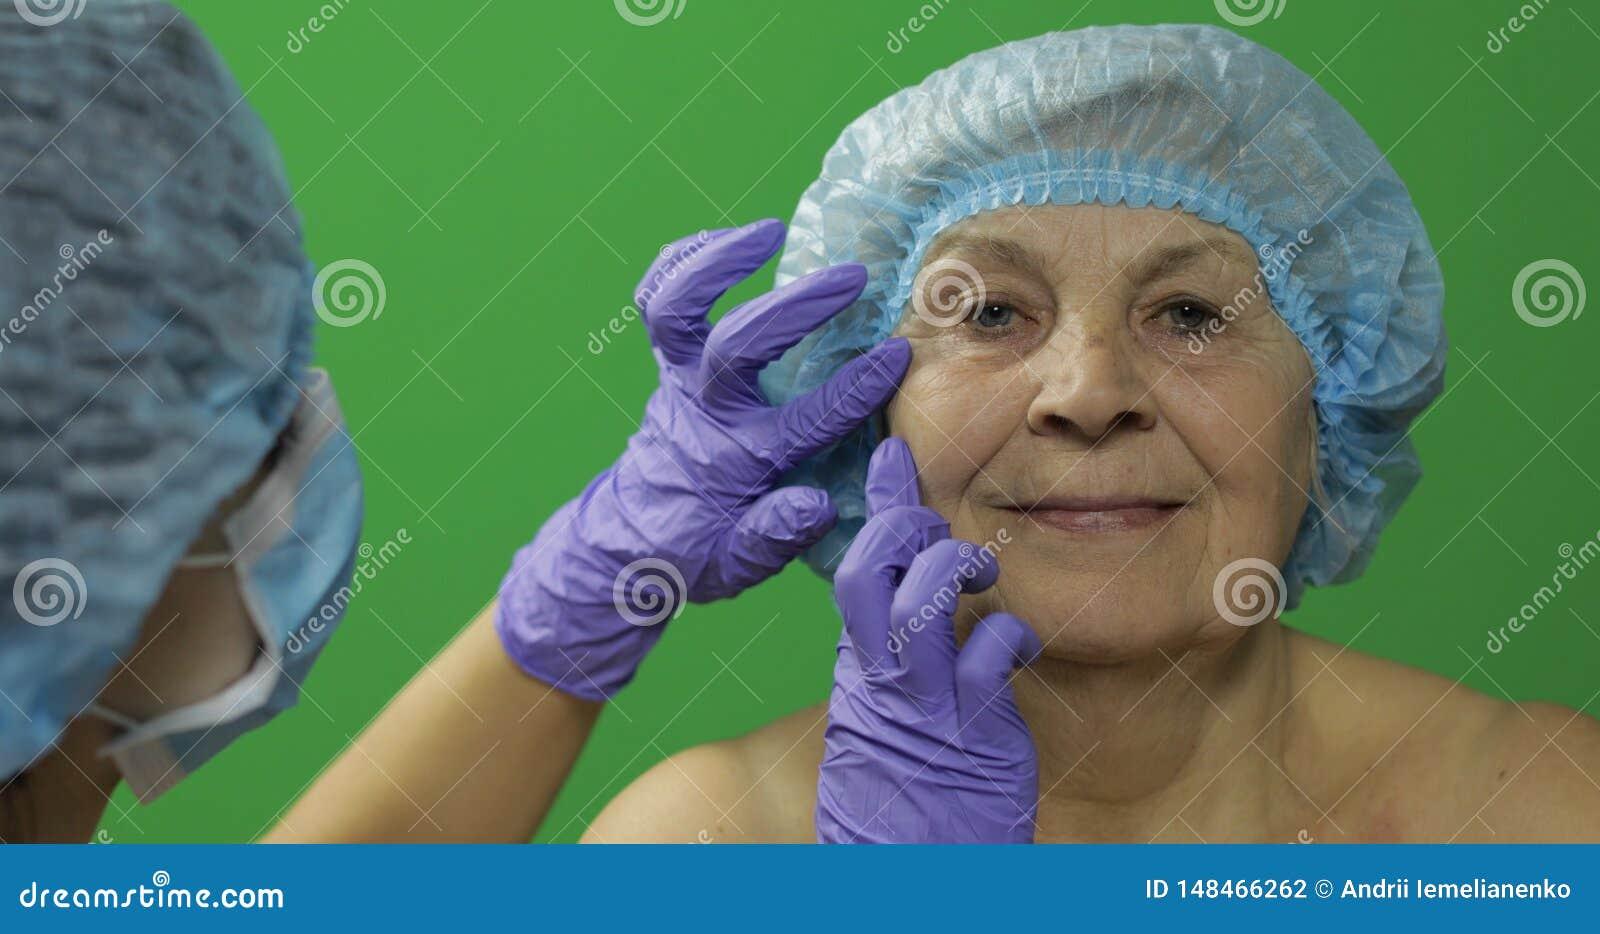 F?mea idosa de sorriso no chap?u protetor Cirurgi?o pl?stico que verifica a cara da mulher